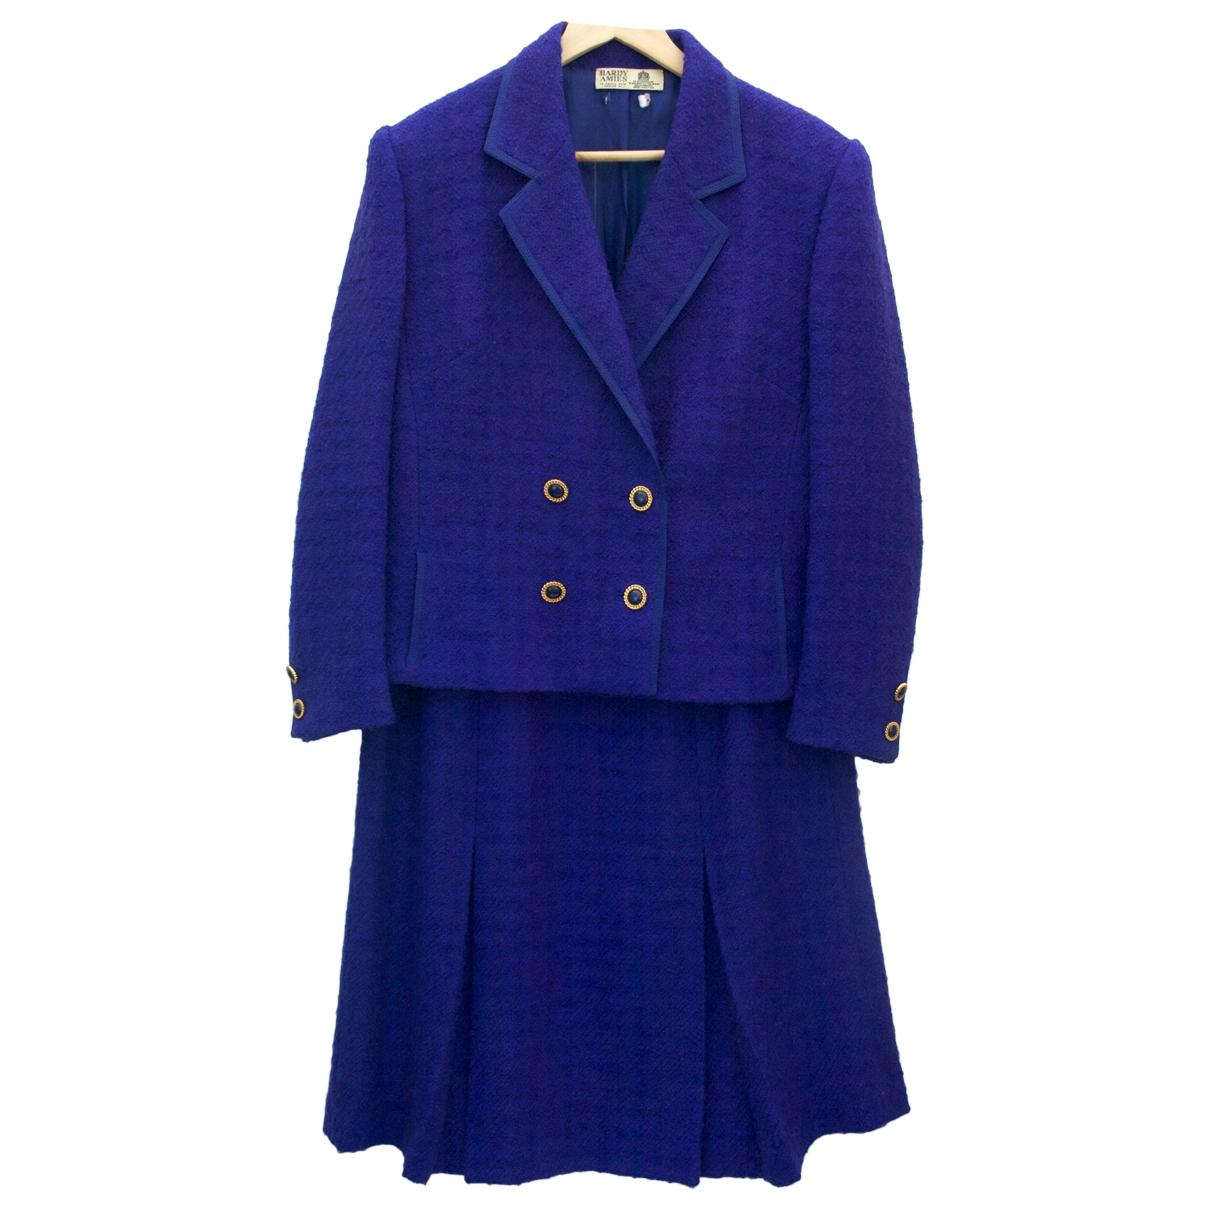 Hardy Amies - Veste   pour femme en laine - violet